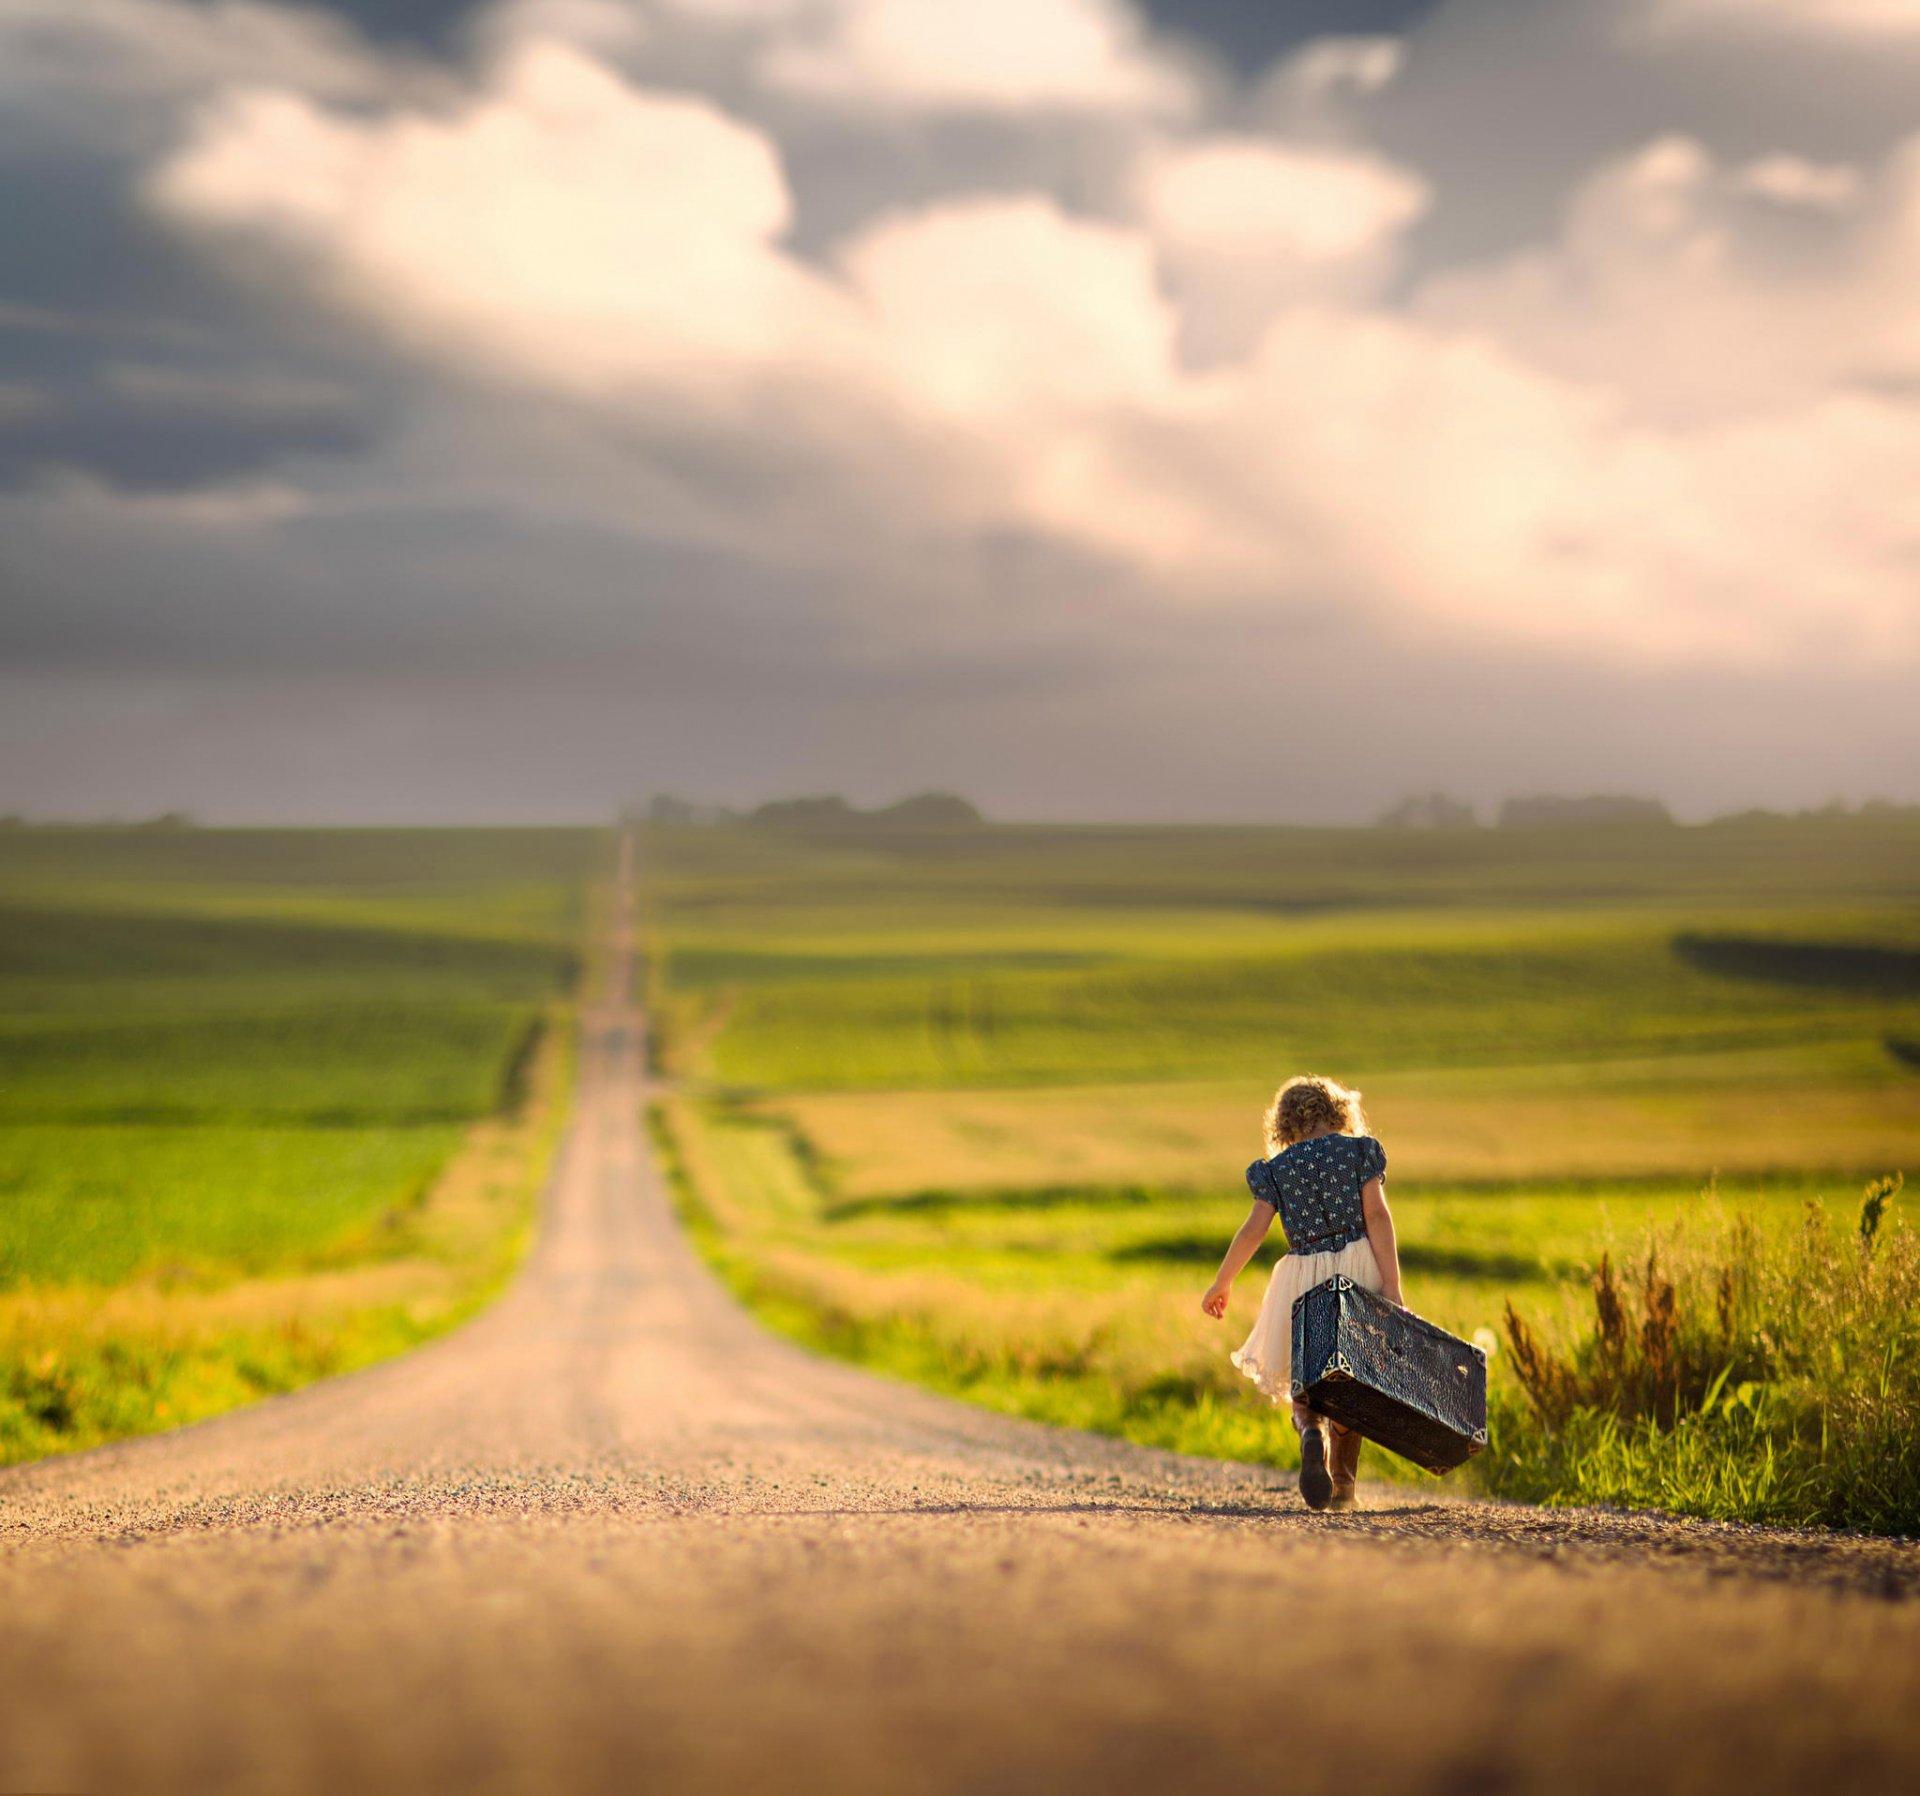 я выбираю путь одиночества картинка этот праздничный день